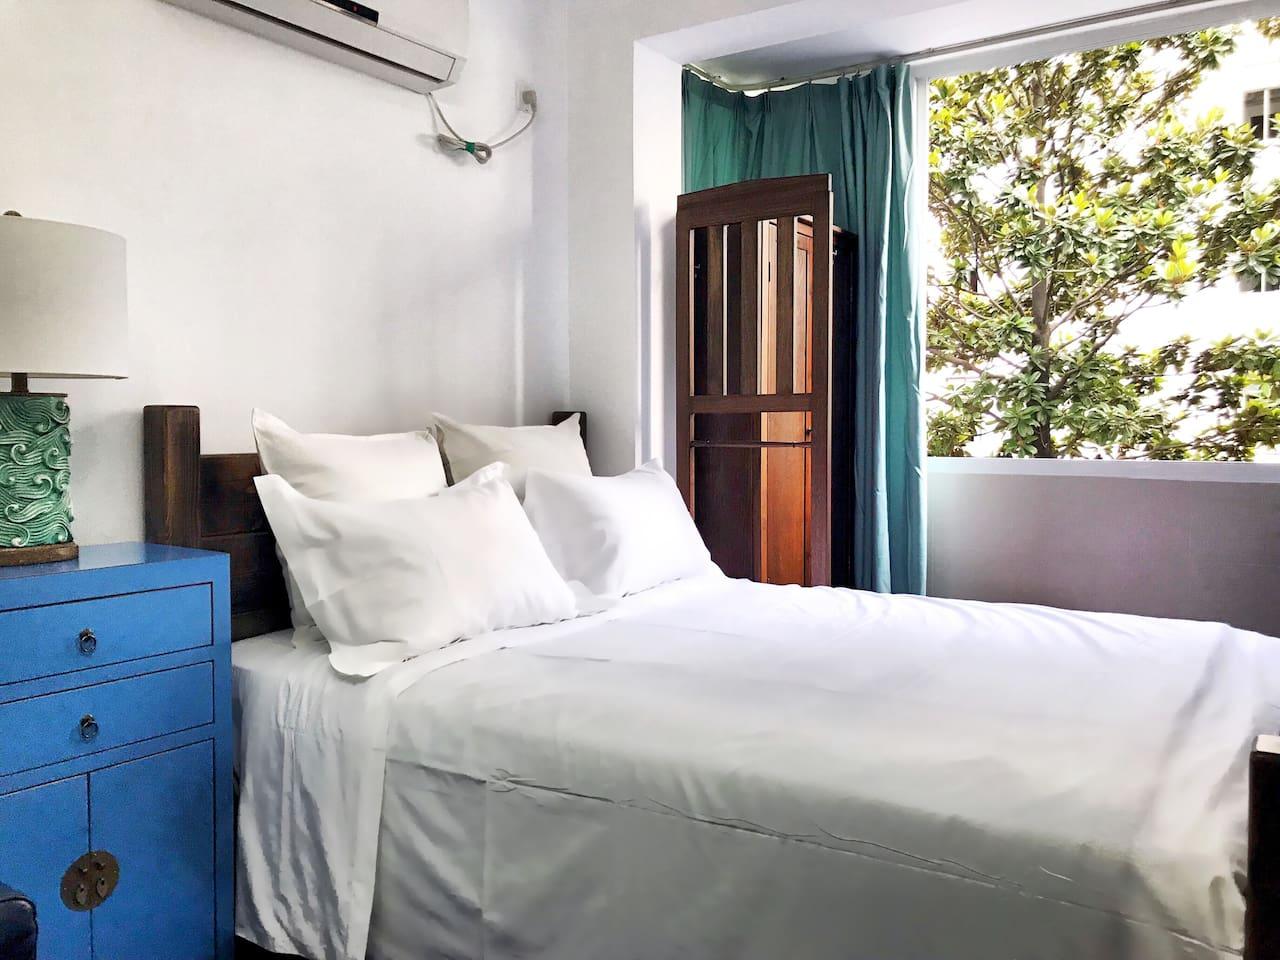 休息区海派家居混搭风,清新雅致,简洁舒适。